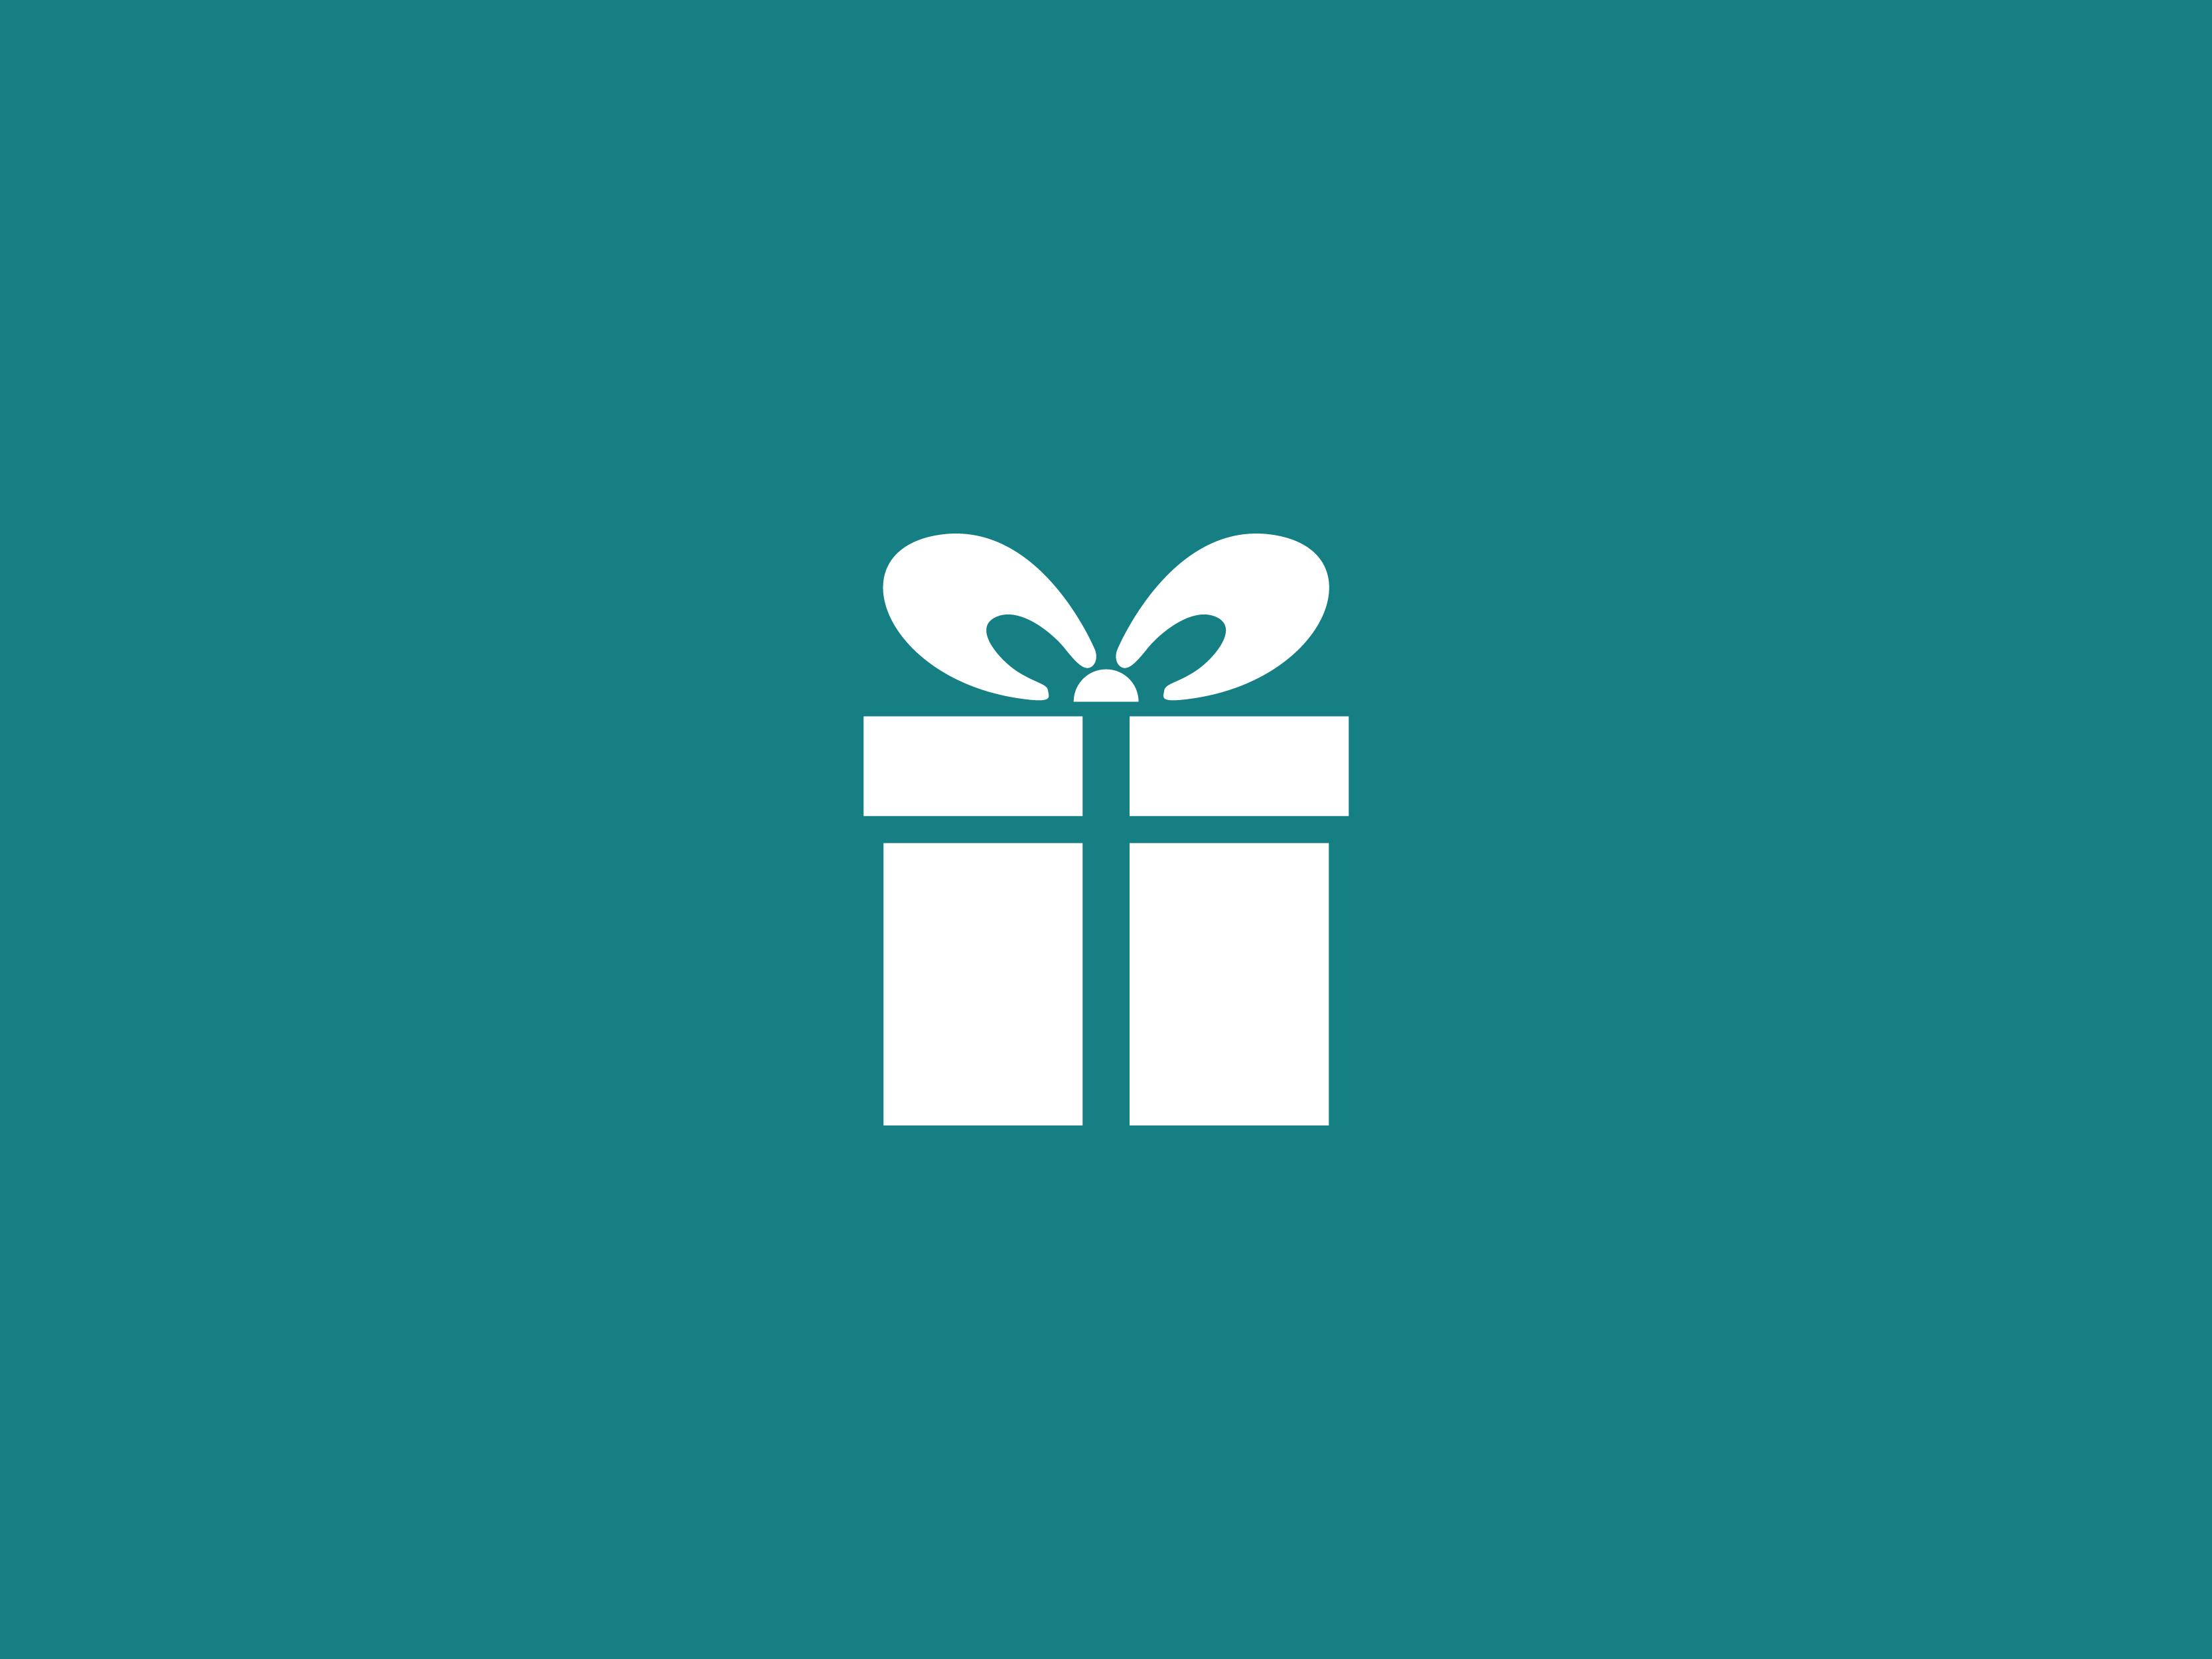 visu_cadeaux-02-1463574026.jpg